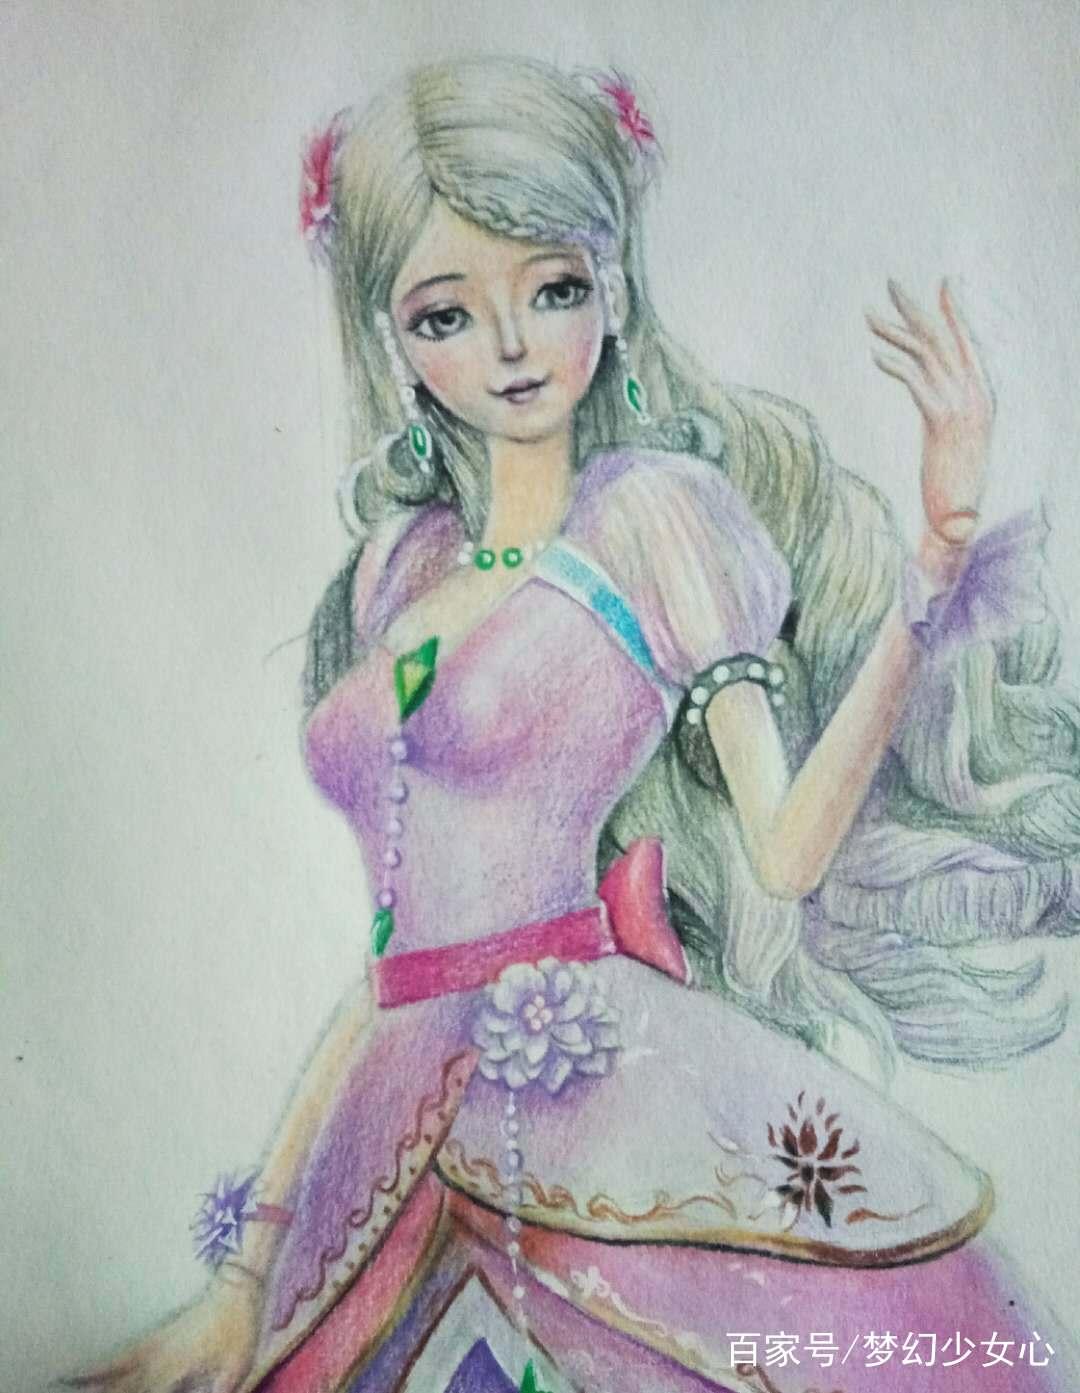 《精靈夢葉羅麗》最逼真手繪畫像,花仙子希娜溫柔,冰公主最美